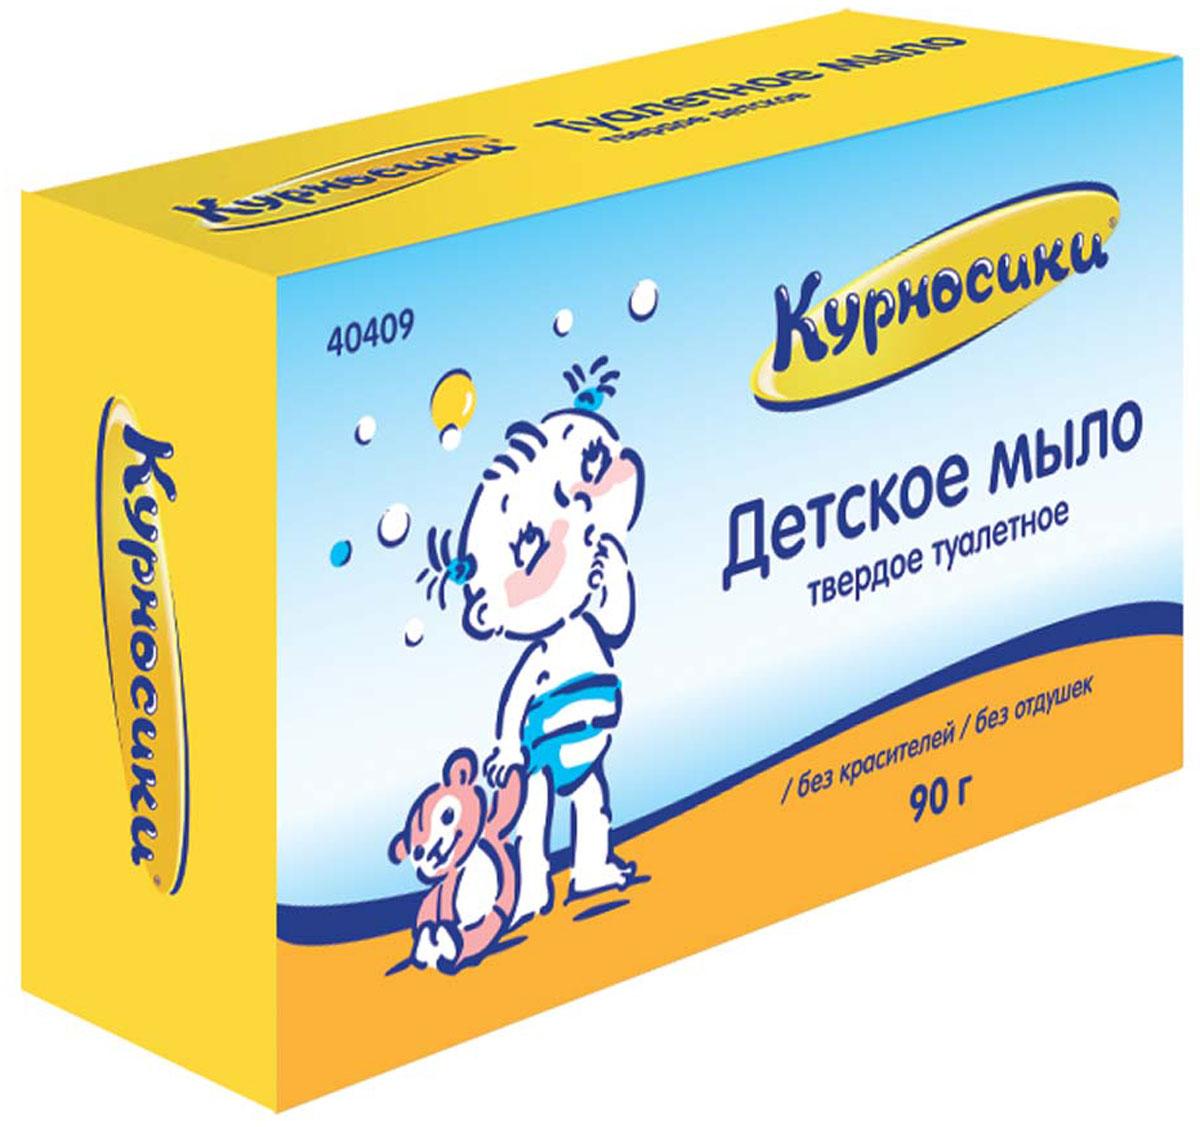 Курносики Мыло Детское 90 гSatin Hair 7 BR730MNМыло детское Курносики специально разработано для ухода за самой нежной и чувствительной кожей новорожденных. Детское мыло мягко и бережно очищает кожу малыша. Мыло изготовлено из высококачественных натуральных компонентов, не содержит красителей и ароматизаторов, подходит для ежедневного ухода за кожей детей и взрослых. Мыло не содержит красителей и отдушек. Рекомендуемый возраст: от 0 месяцев. Товар сертифицирован.